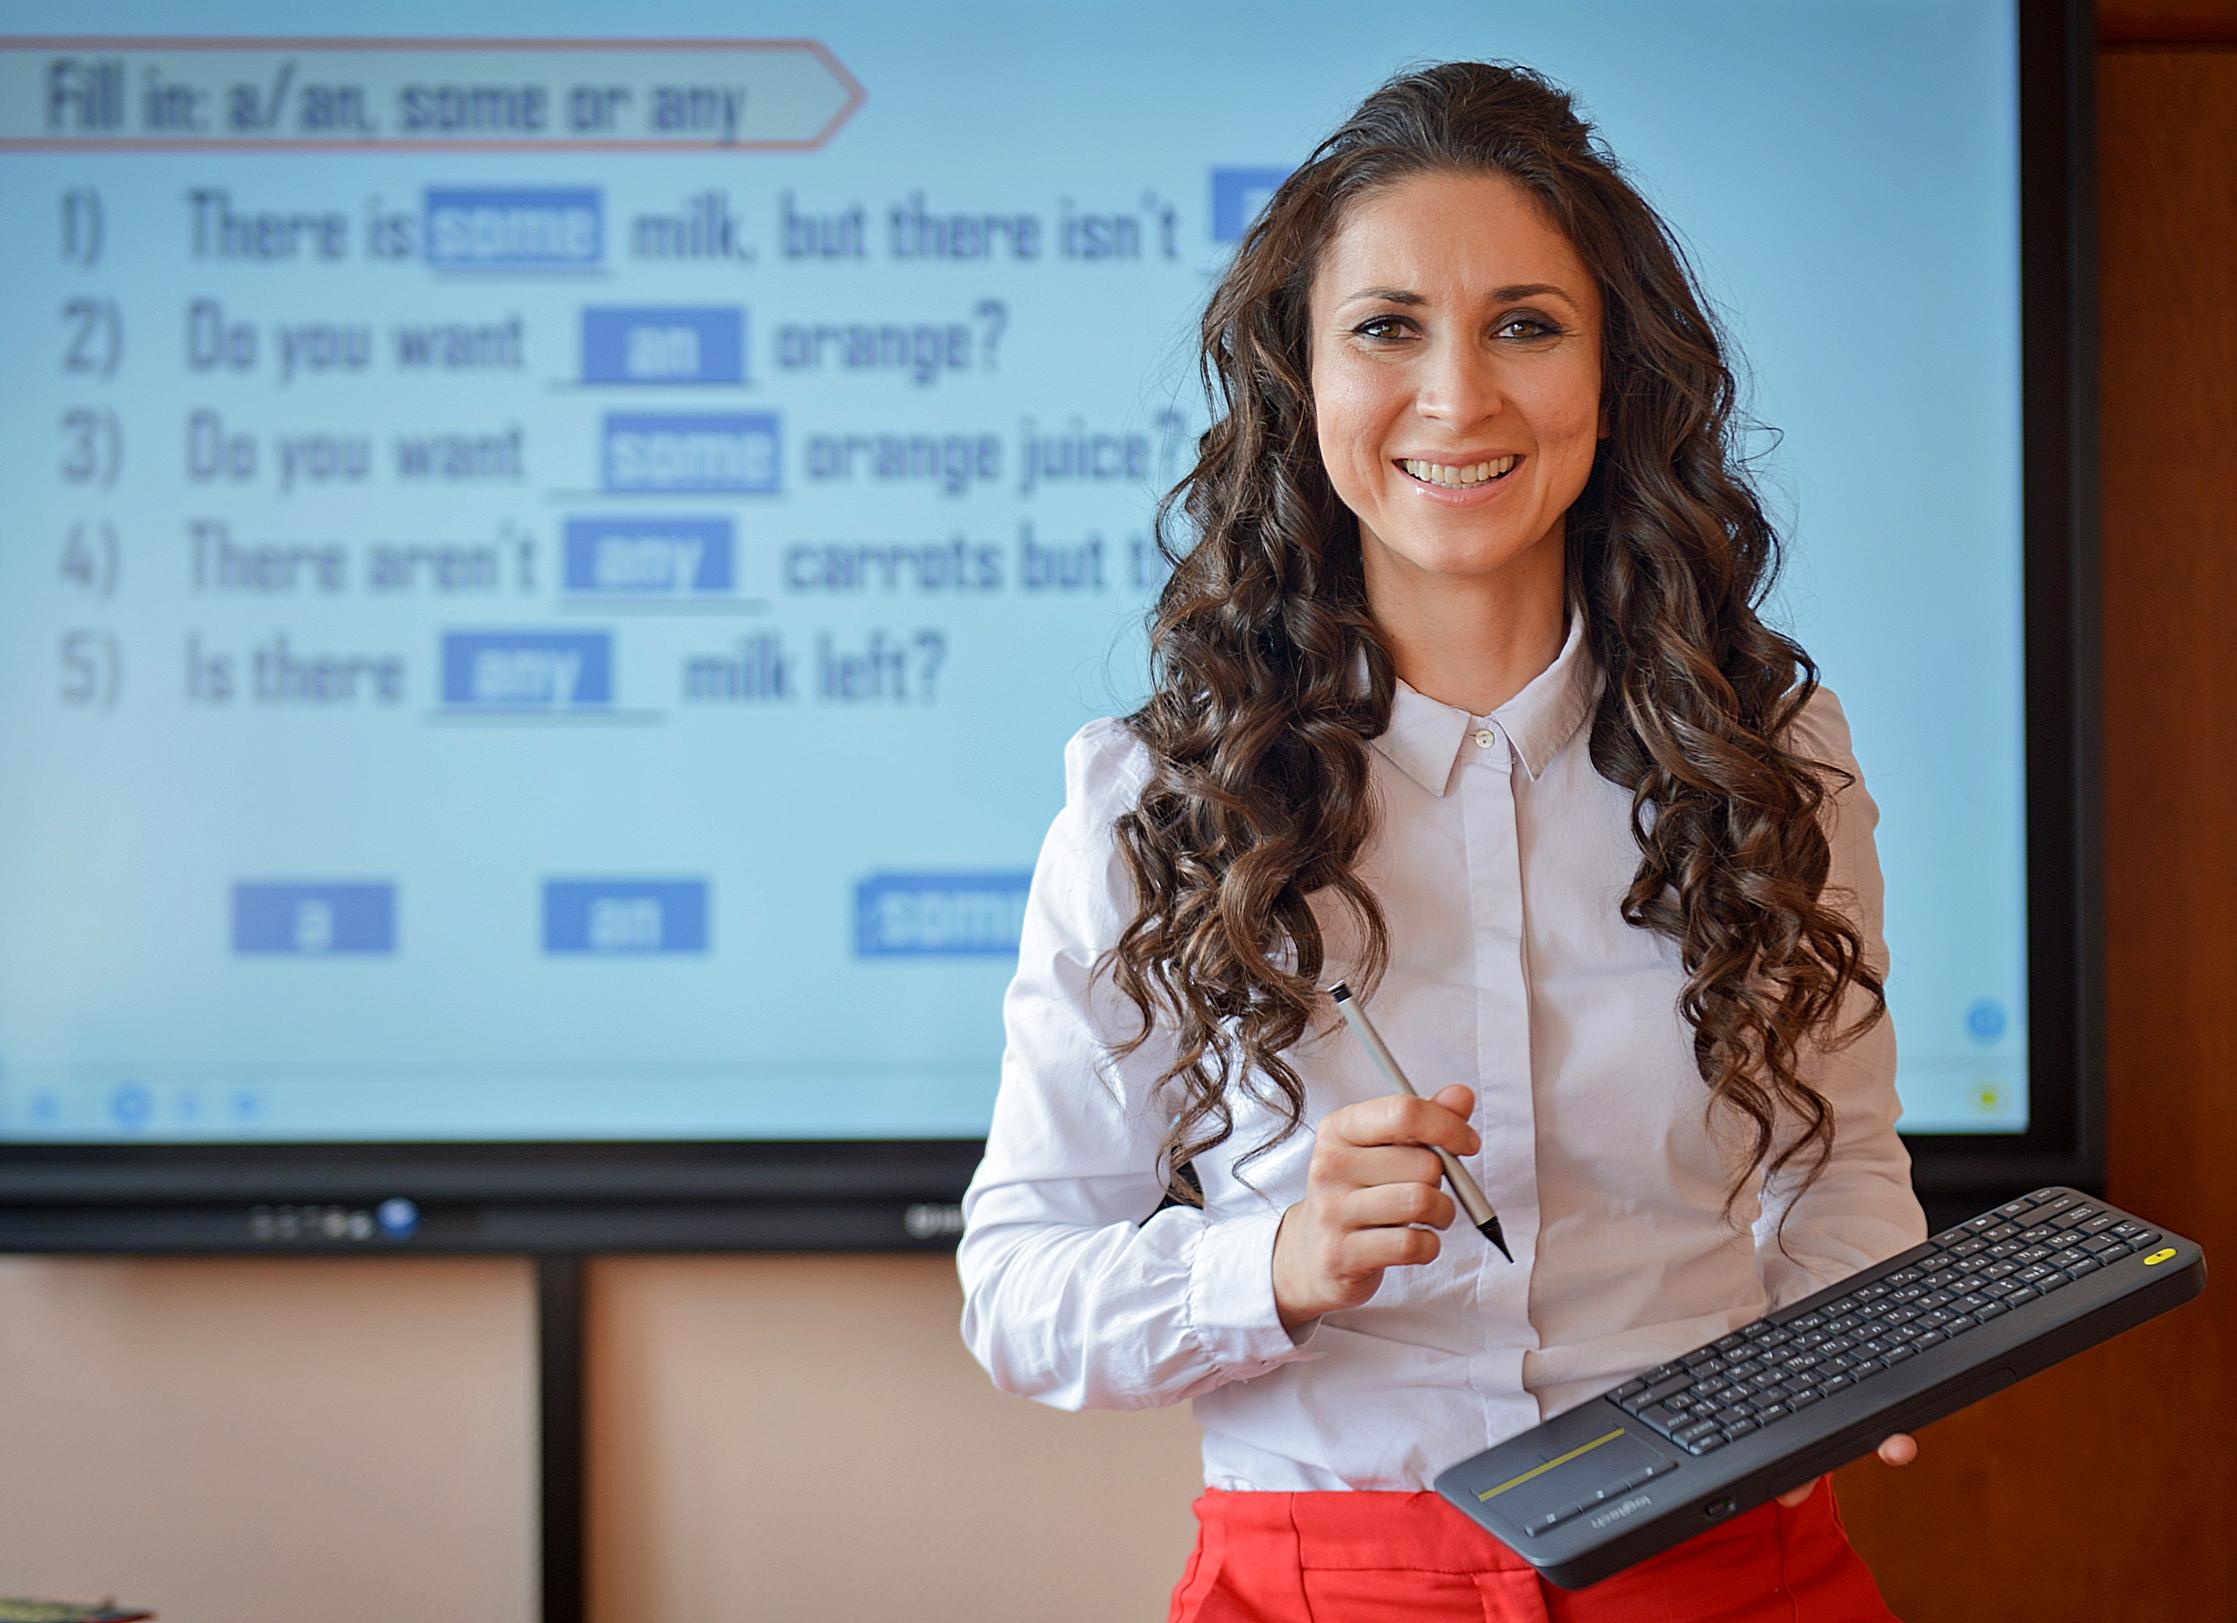 Учителя в Москве провели более 1,5 миллиона уроков в МЭШ